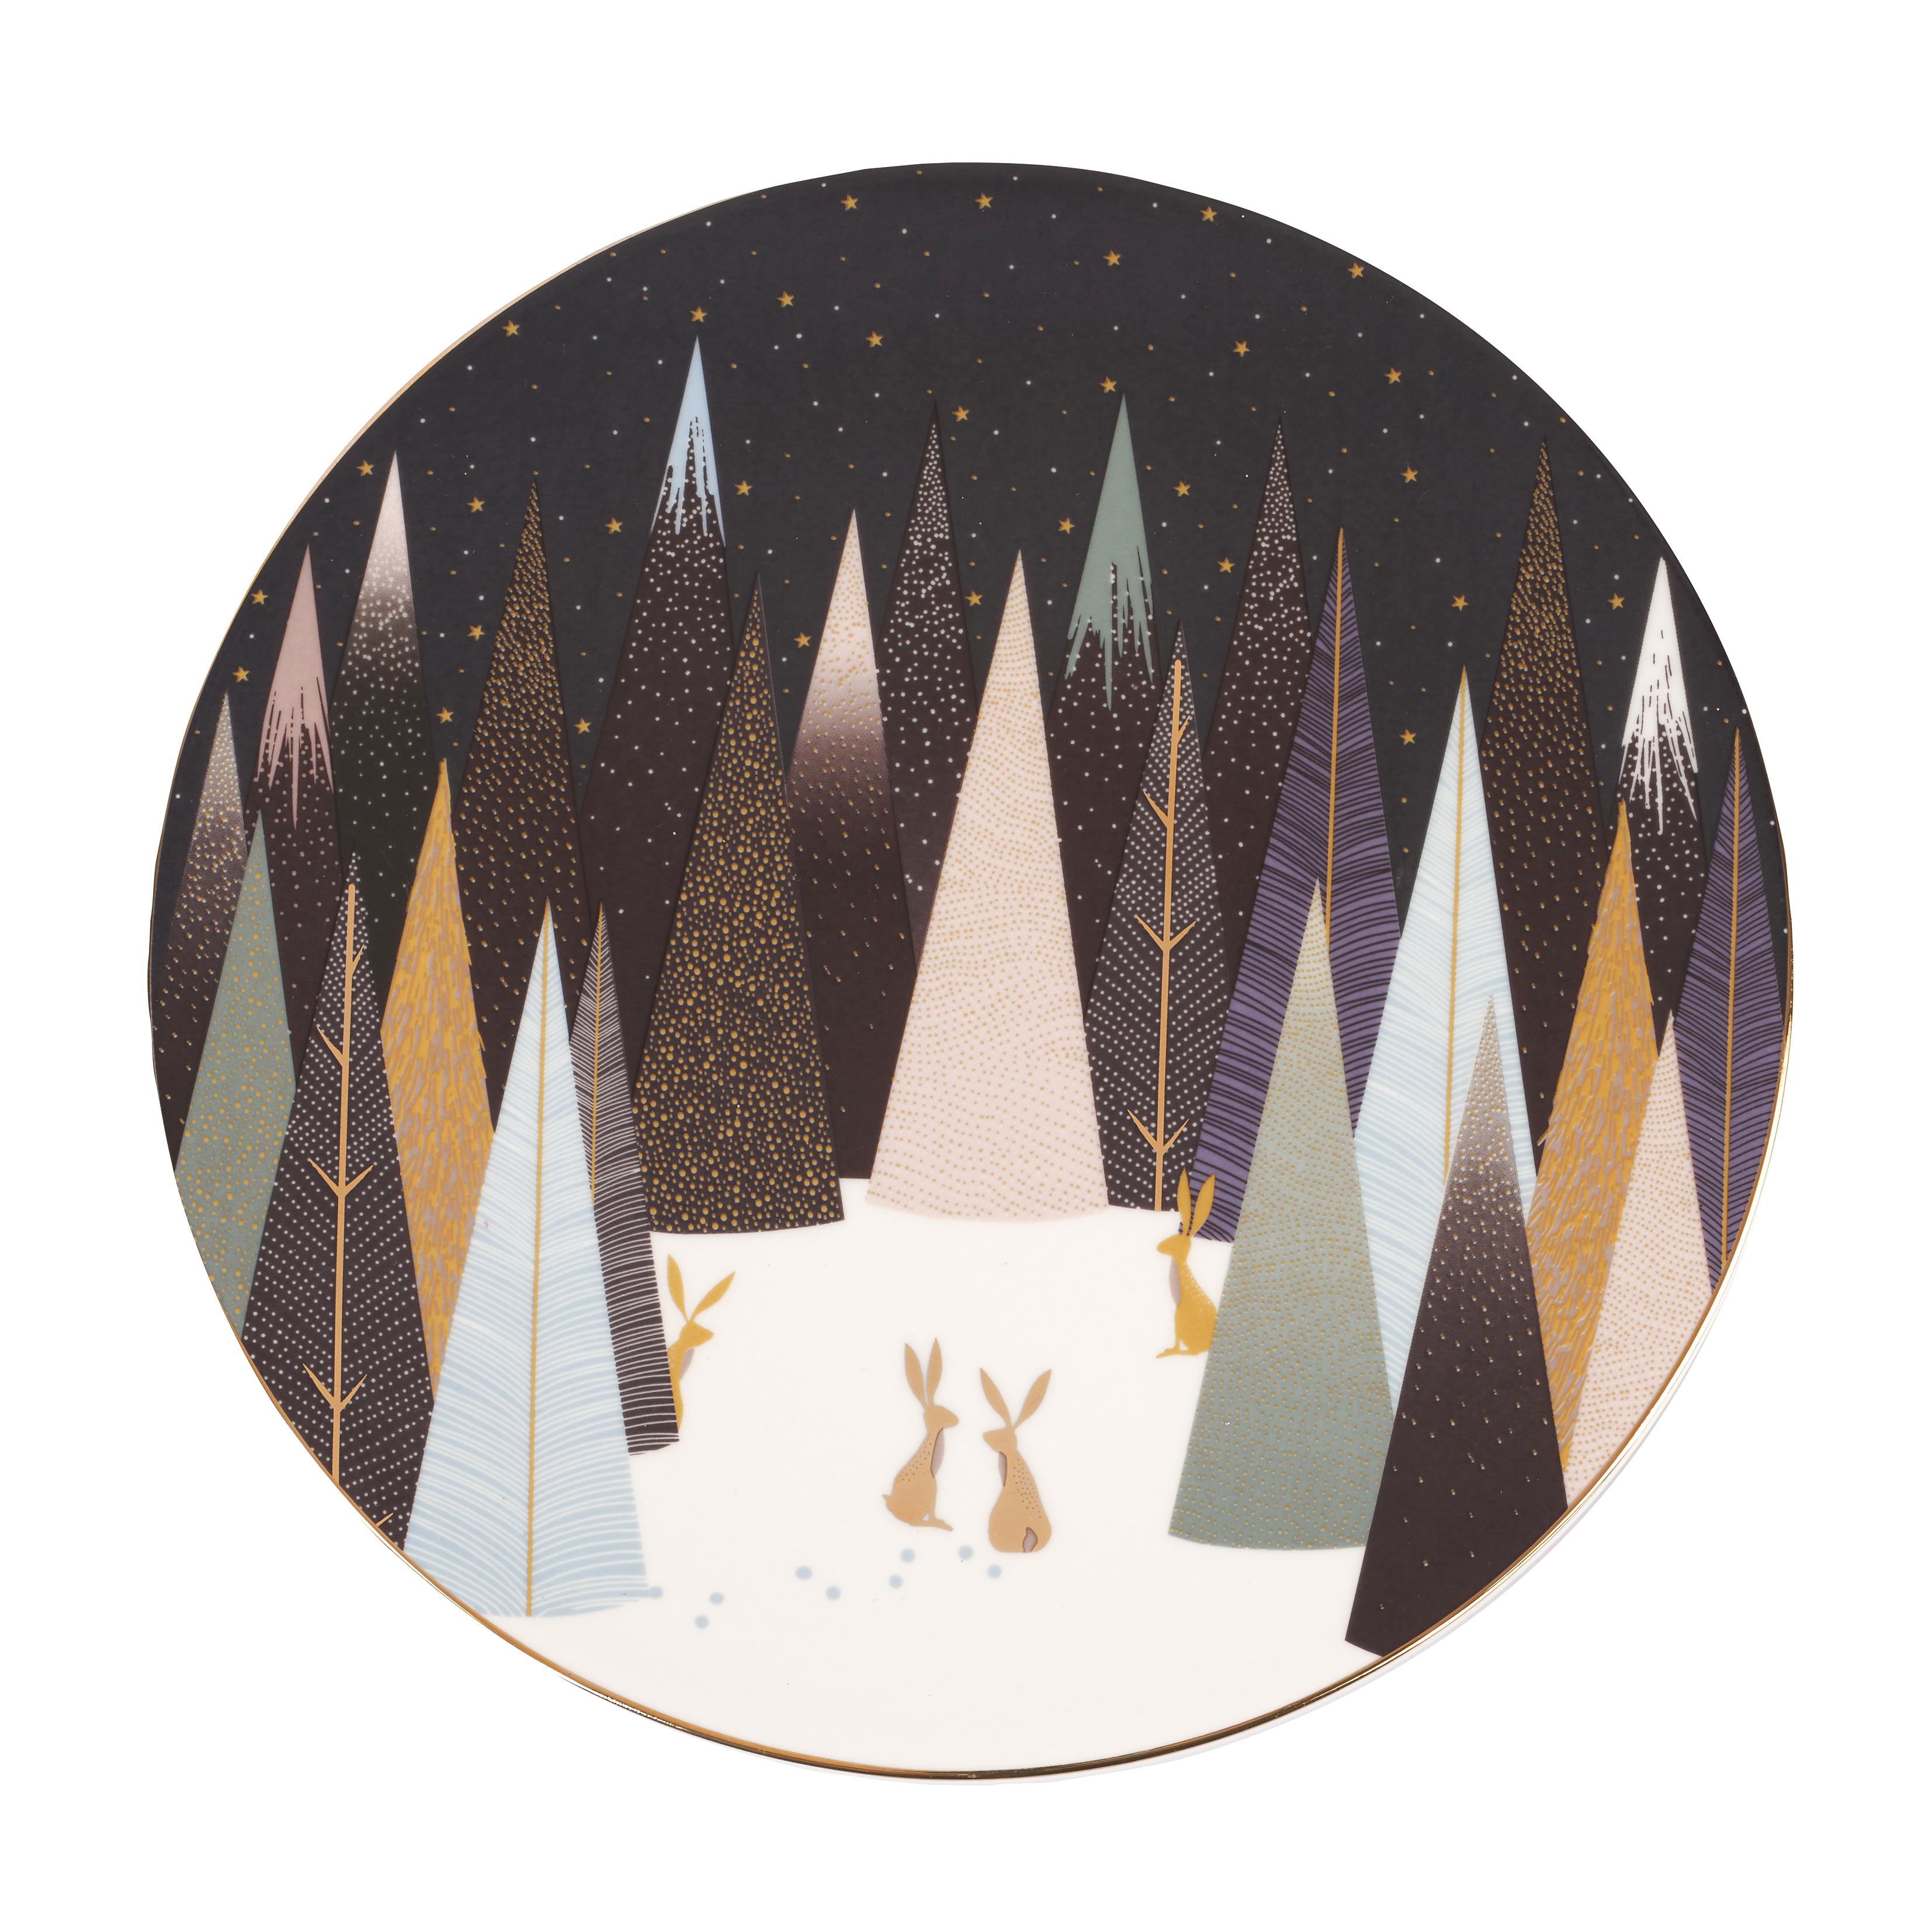 포트메리온 '사라 밀러 런던 프로스티드 파인즈' 서빙 접시 Sara Miller London for Portmeirion Frosted Pines 9 Inch Serving Plate